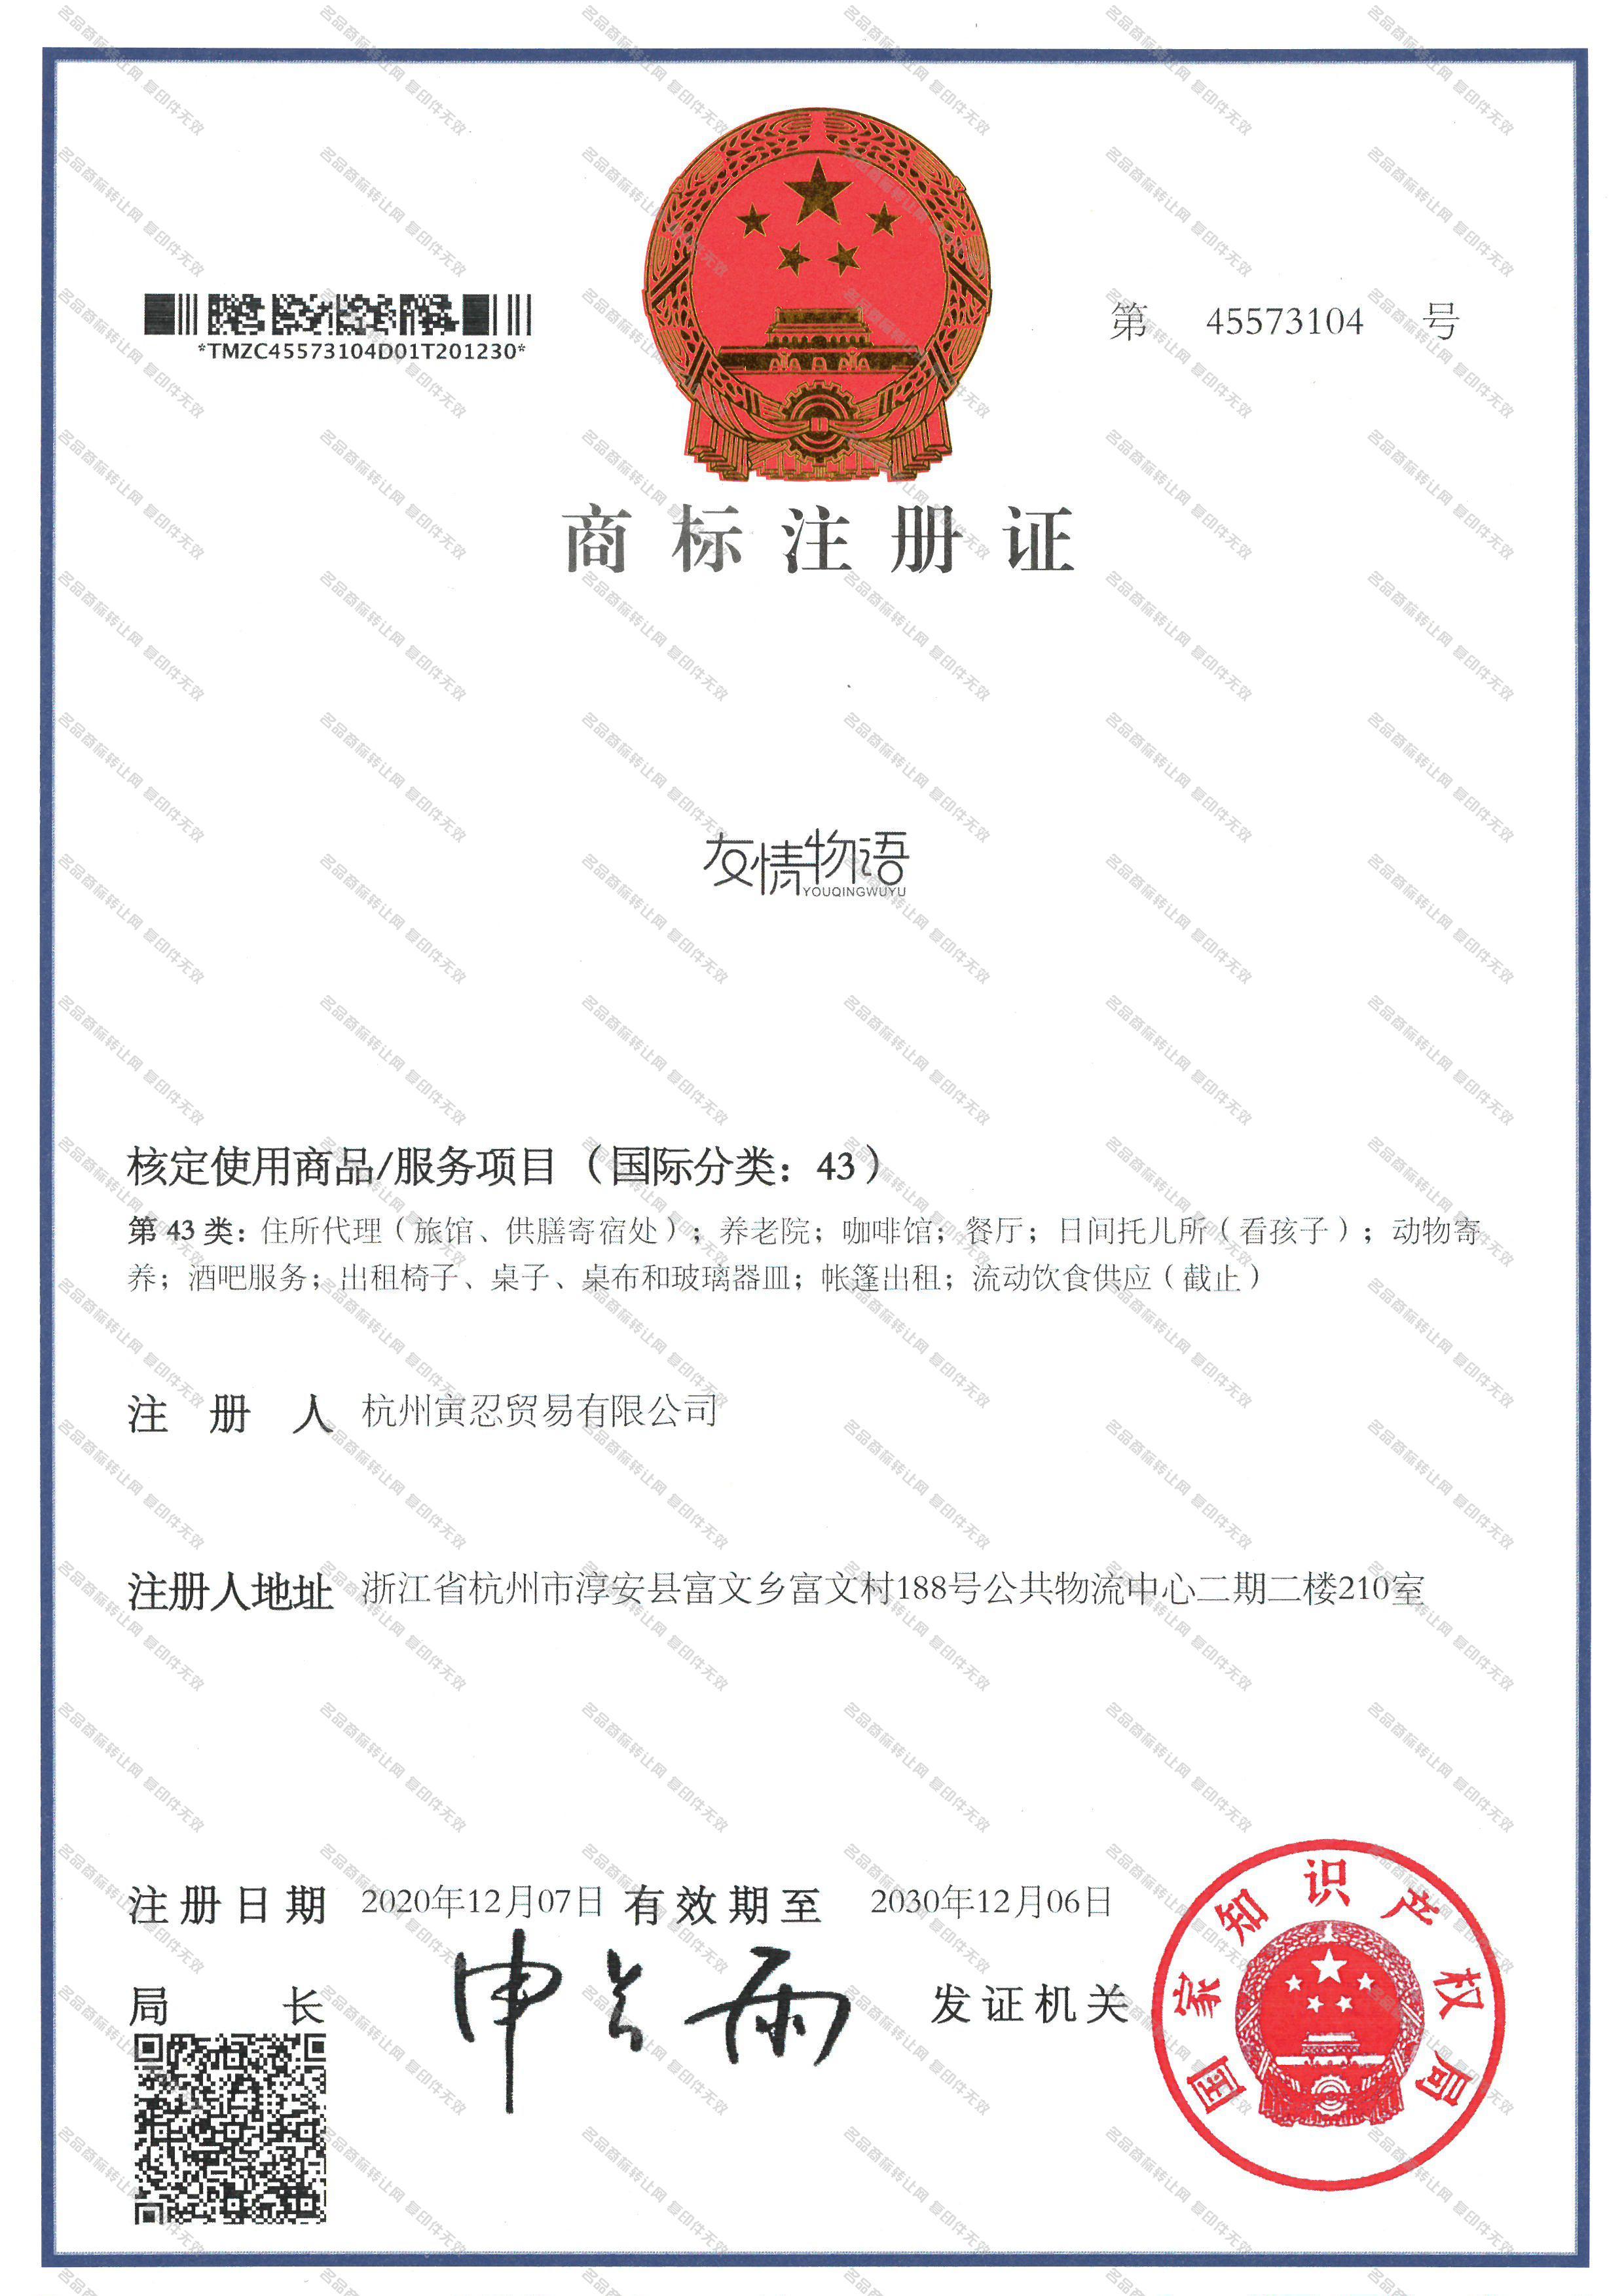 友情物语;YOUQINGWUYU注册证